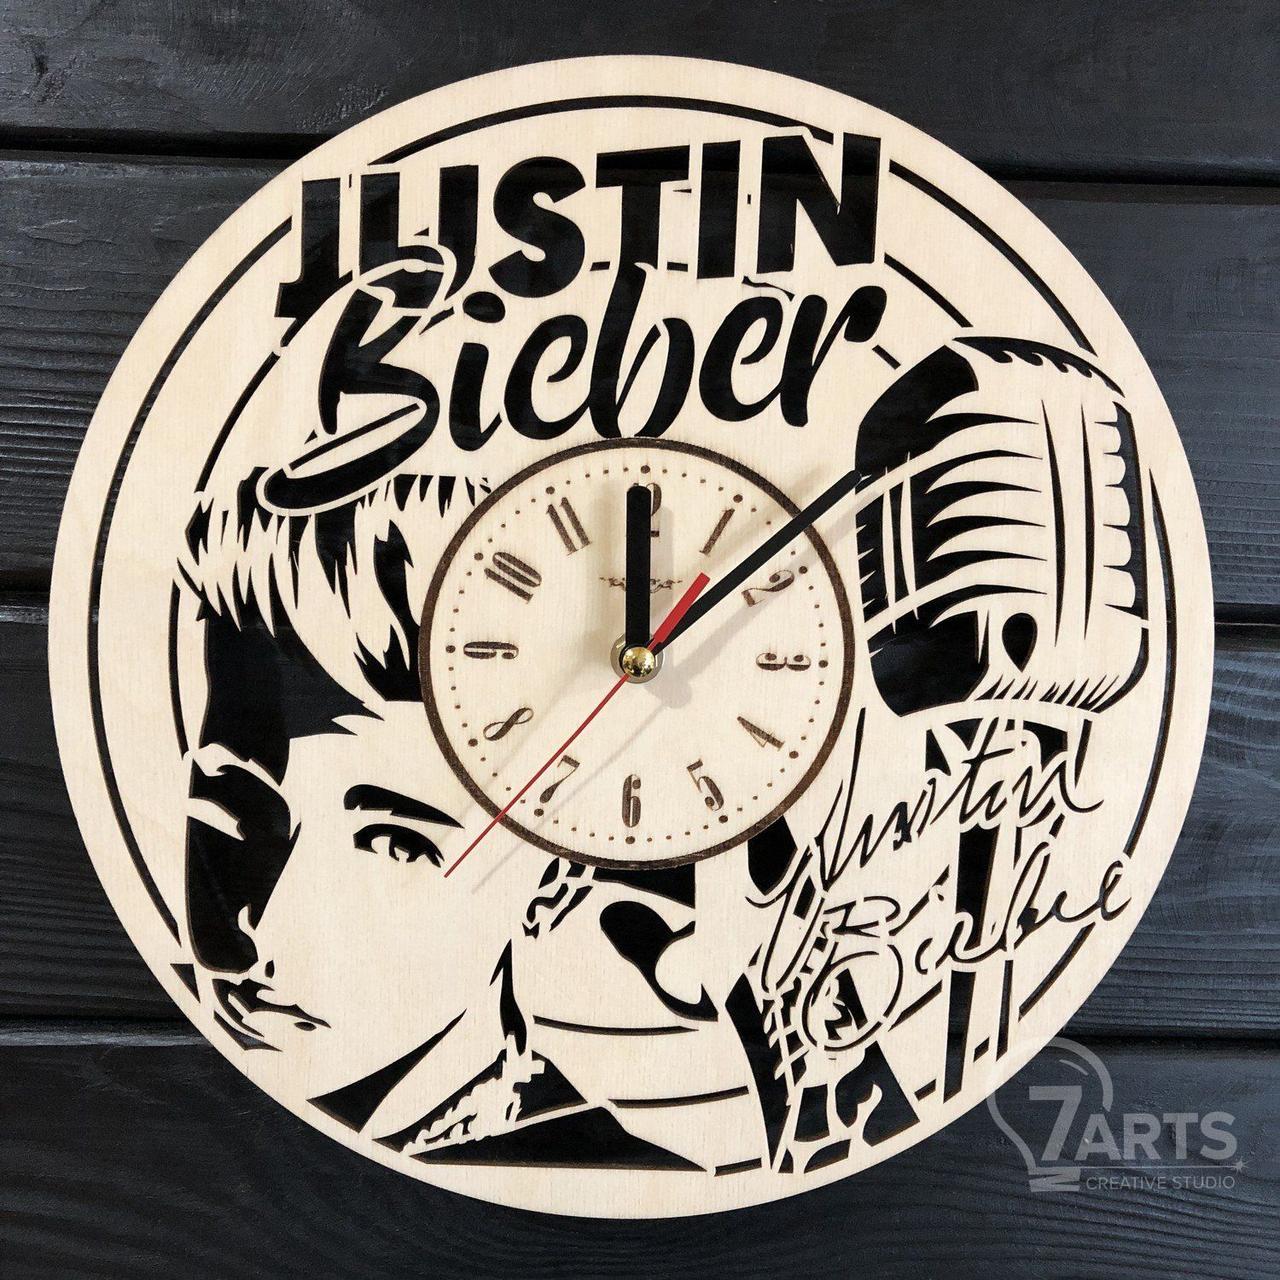 Концептуальные настенные часы из дерева «Justin Bieber»